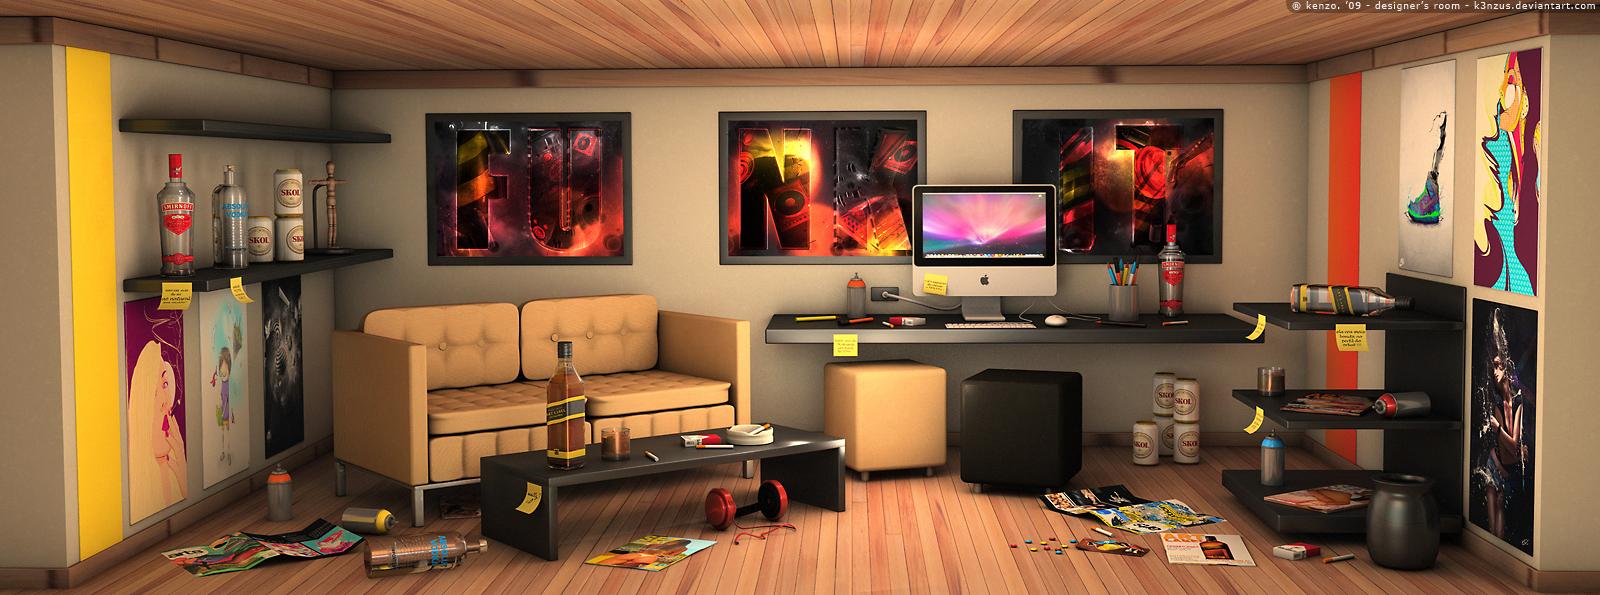 Interior Design Ideas and Designs